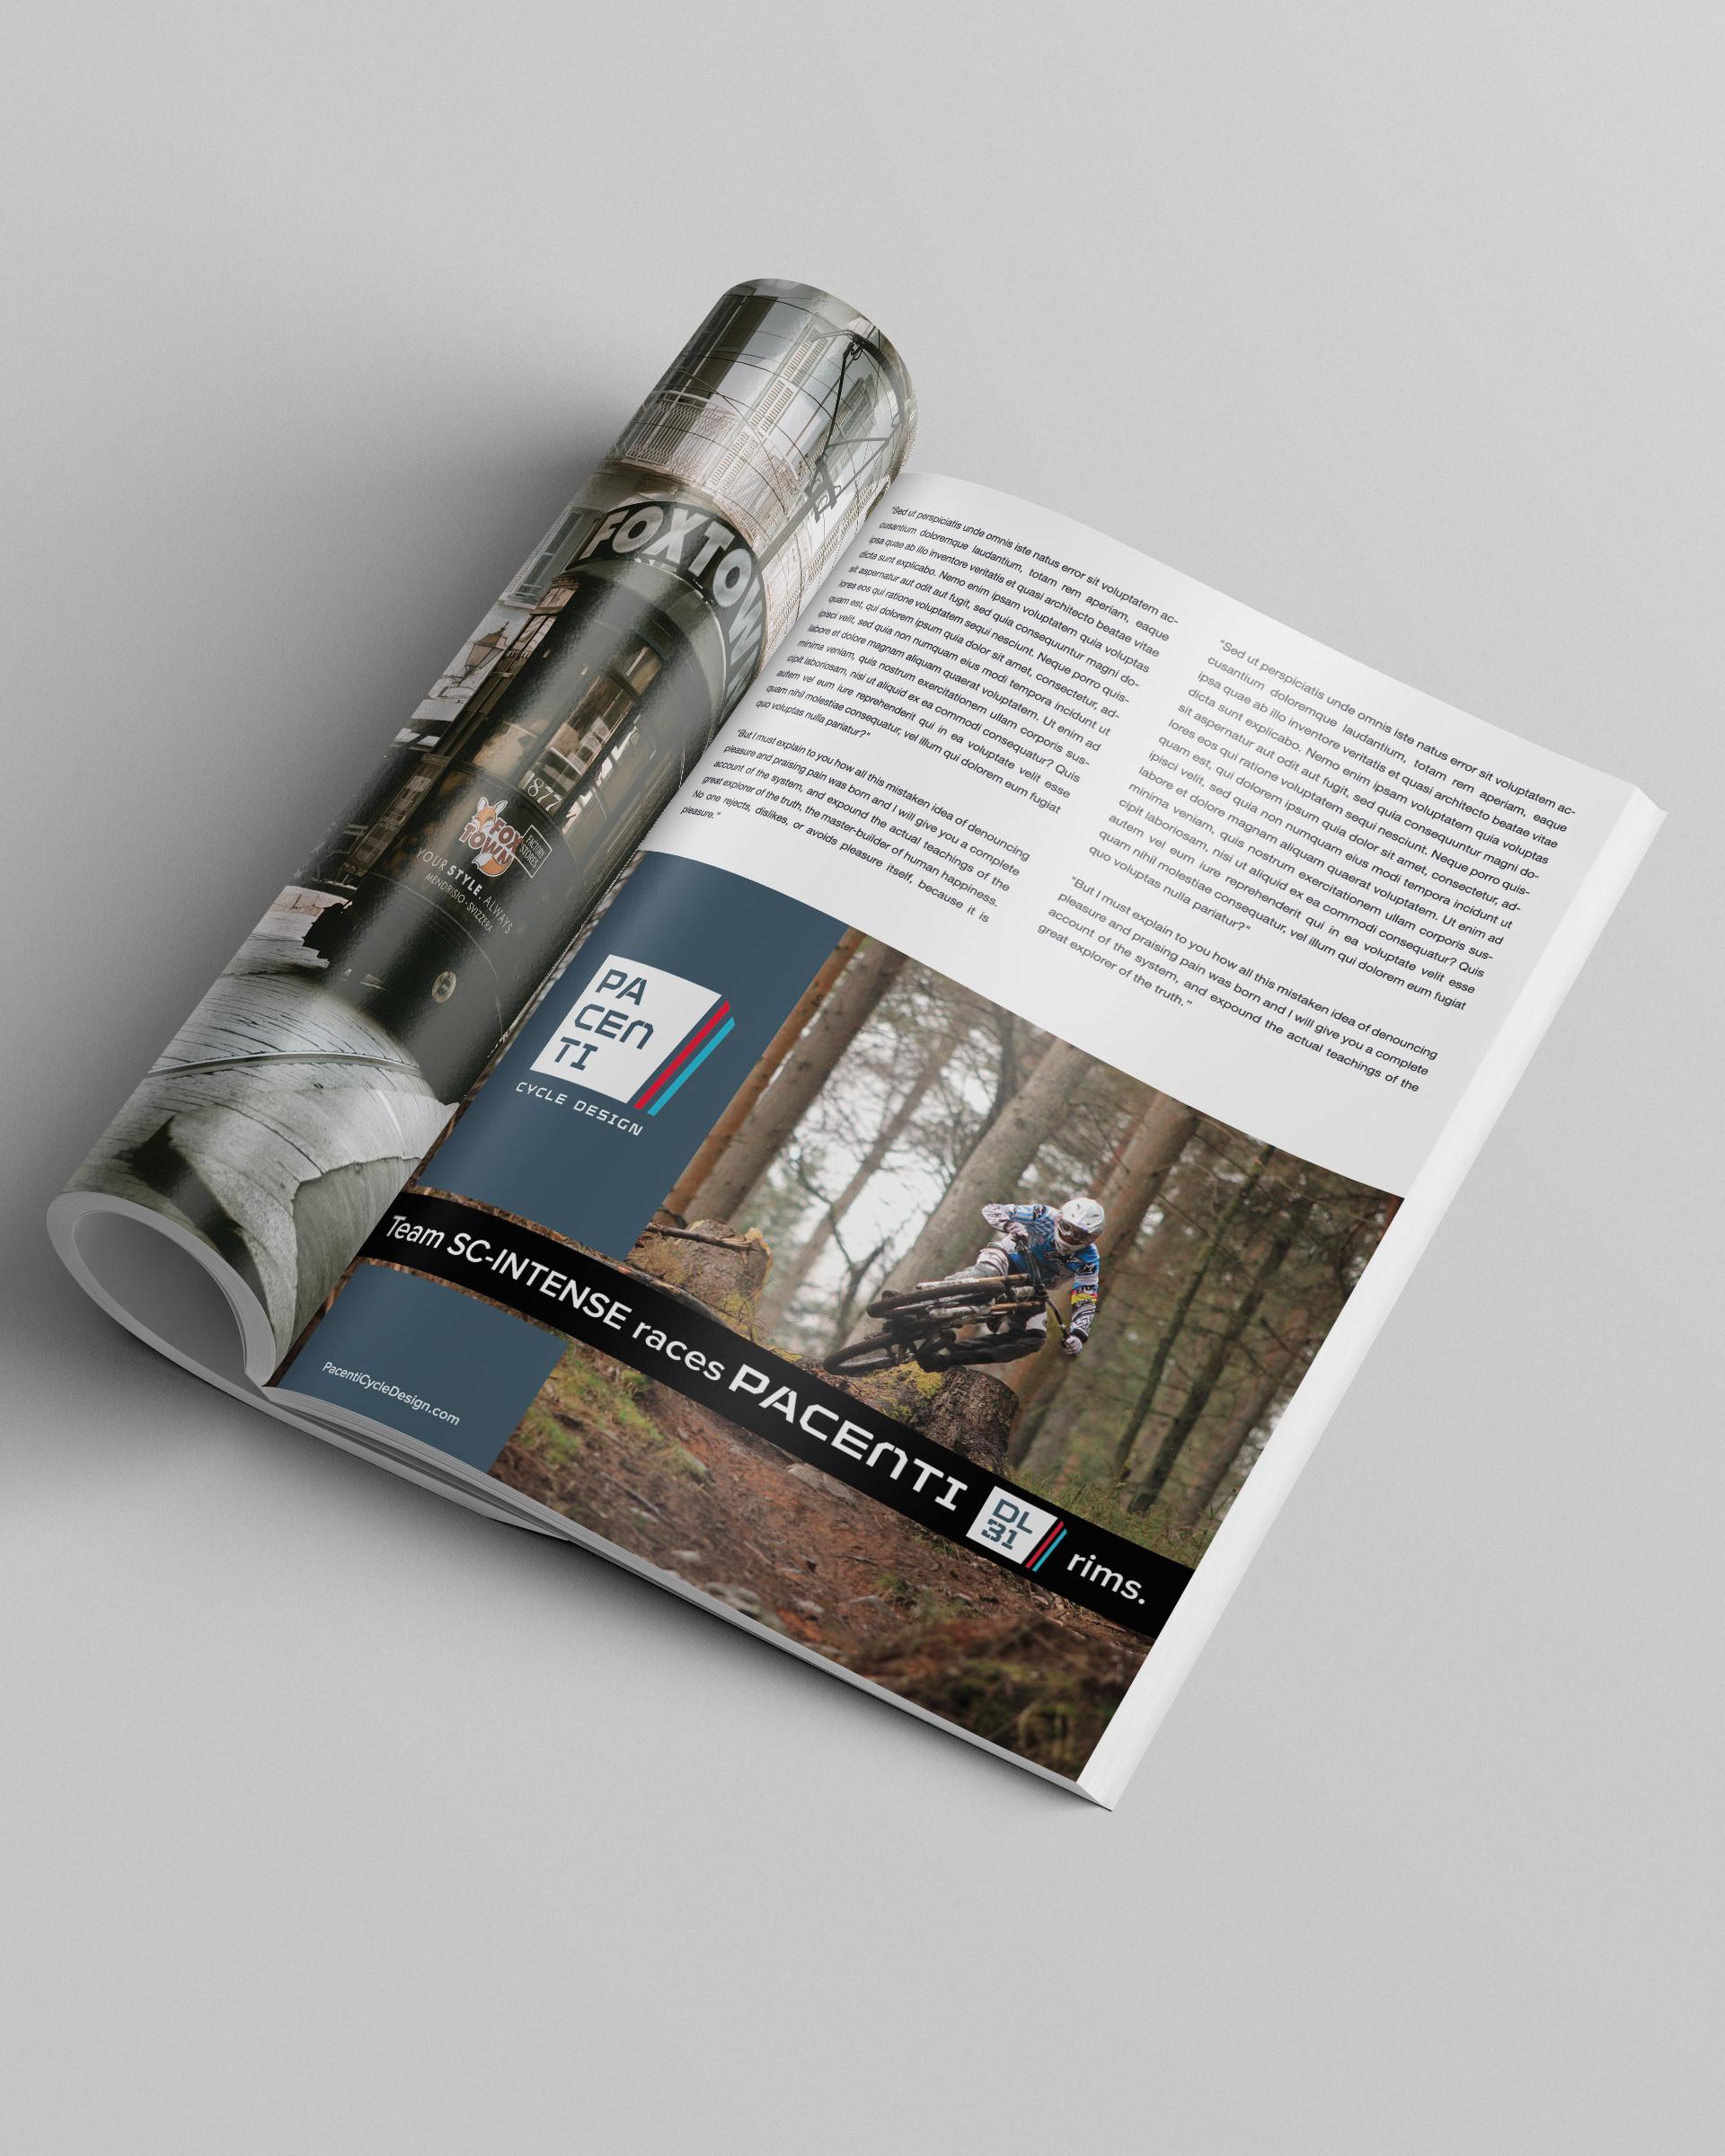 pacenti_magazine.jpg